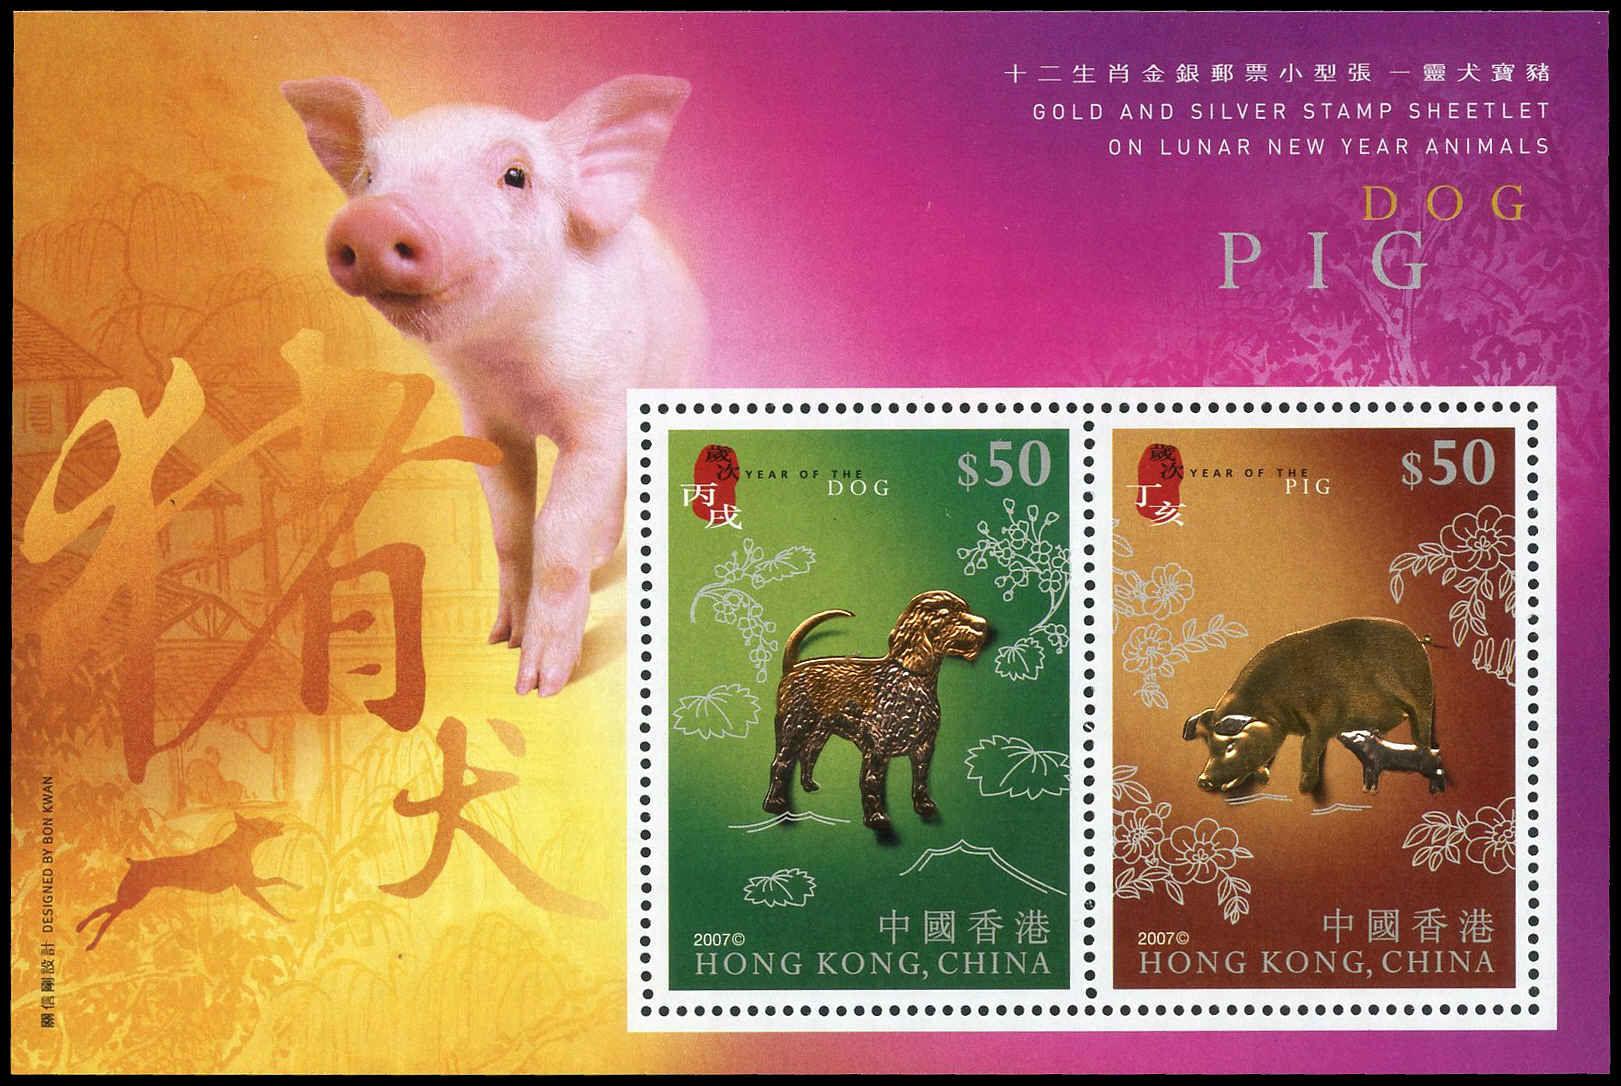 Buy China Hong Kong 2007 Lunar New Year Gold/Silver S/S Dog